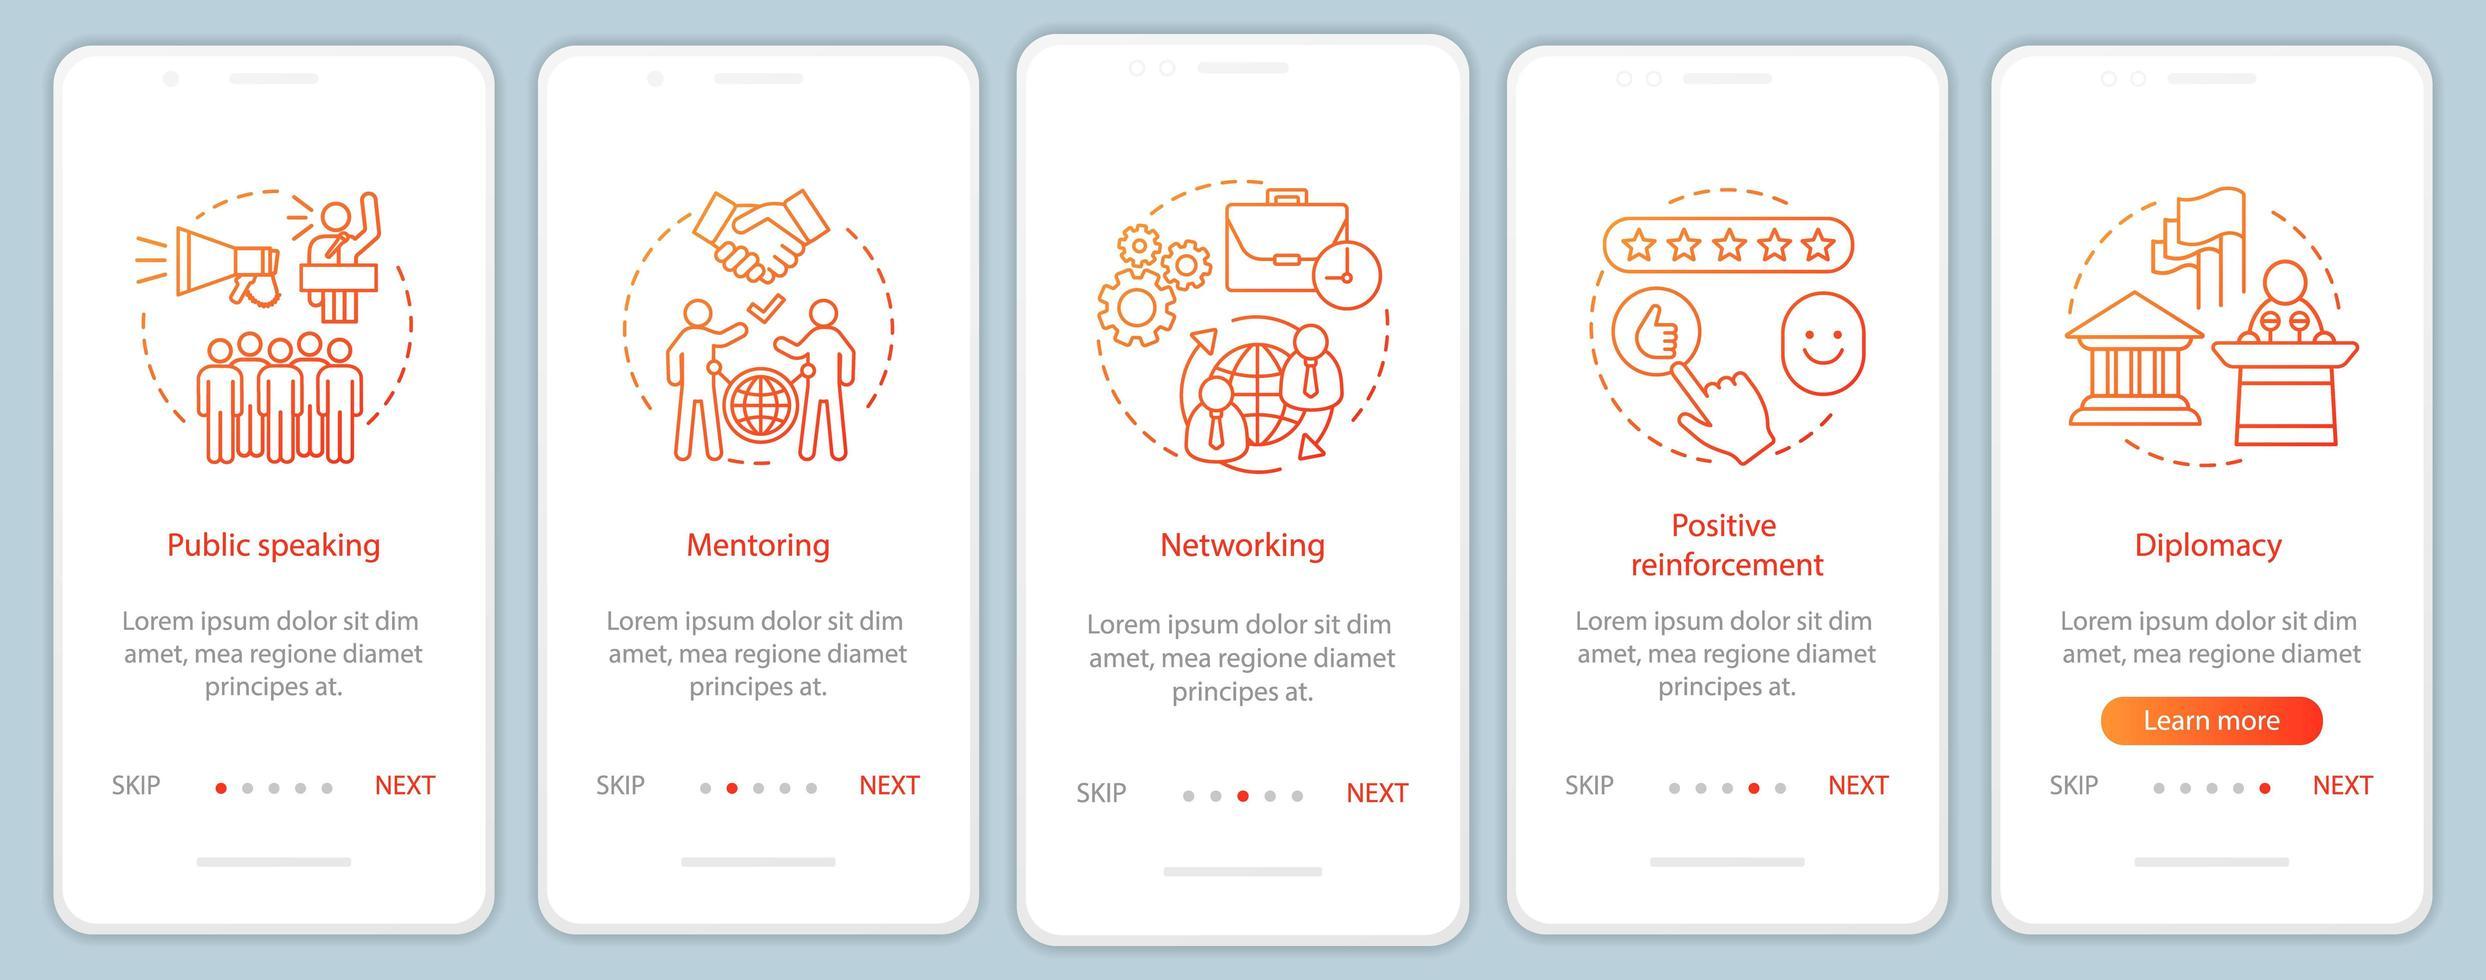 pantalla de la página de la aplicación móvil de incorporación de habilidades blandas empresariales vector